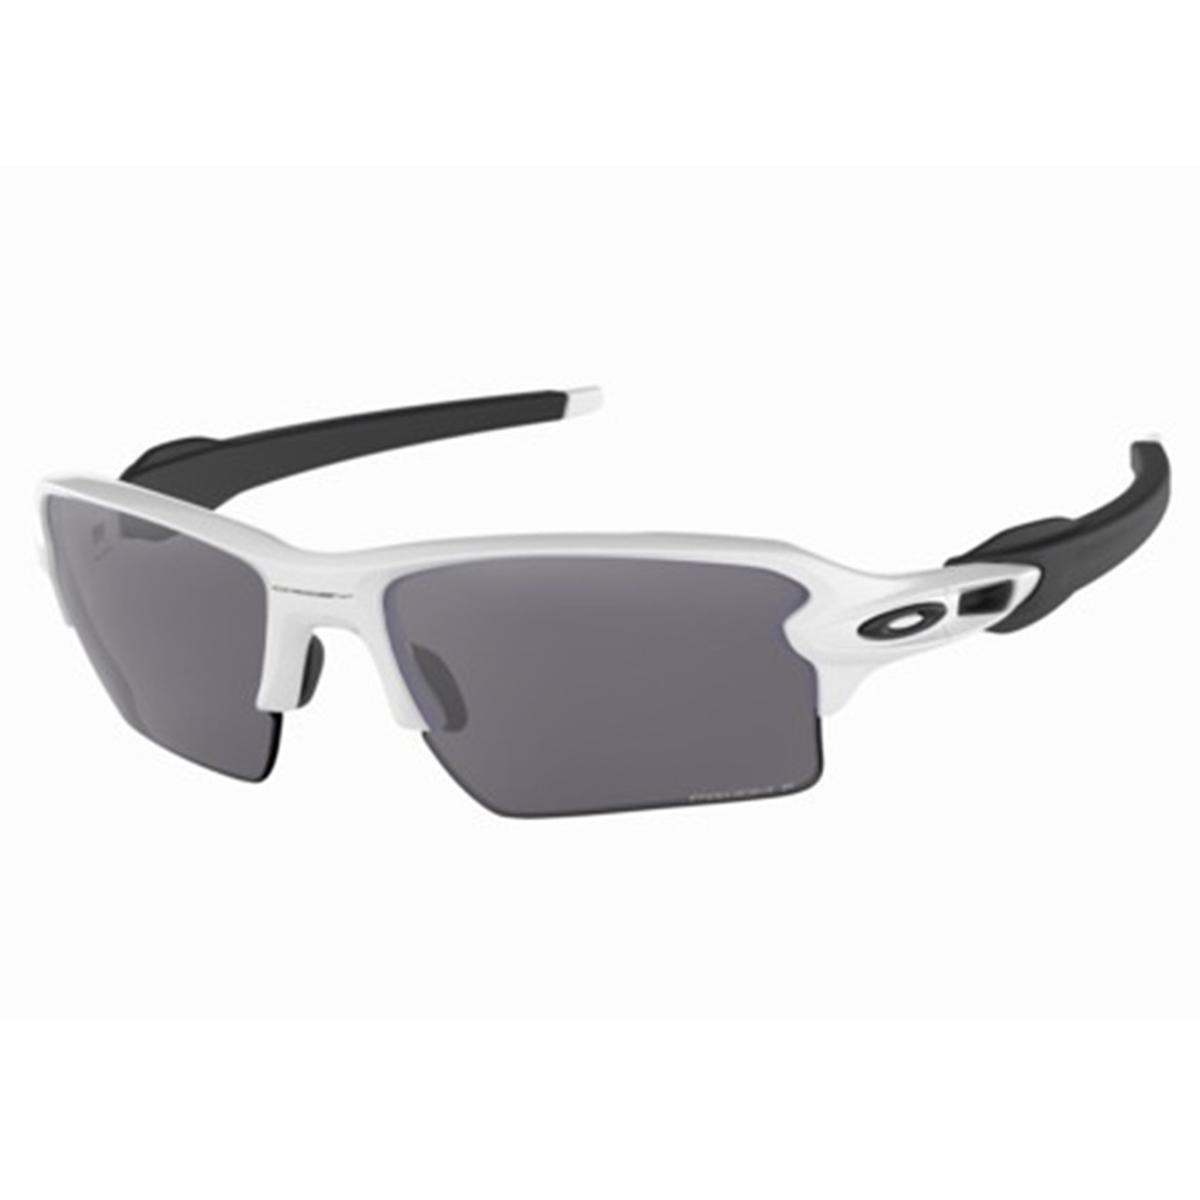 Óculos Oakley de Sol Flak 2.0 Xl Masculino - Branco - Compre Agora ... 26d0e6e47b407